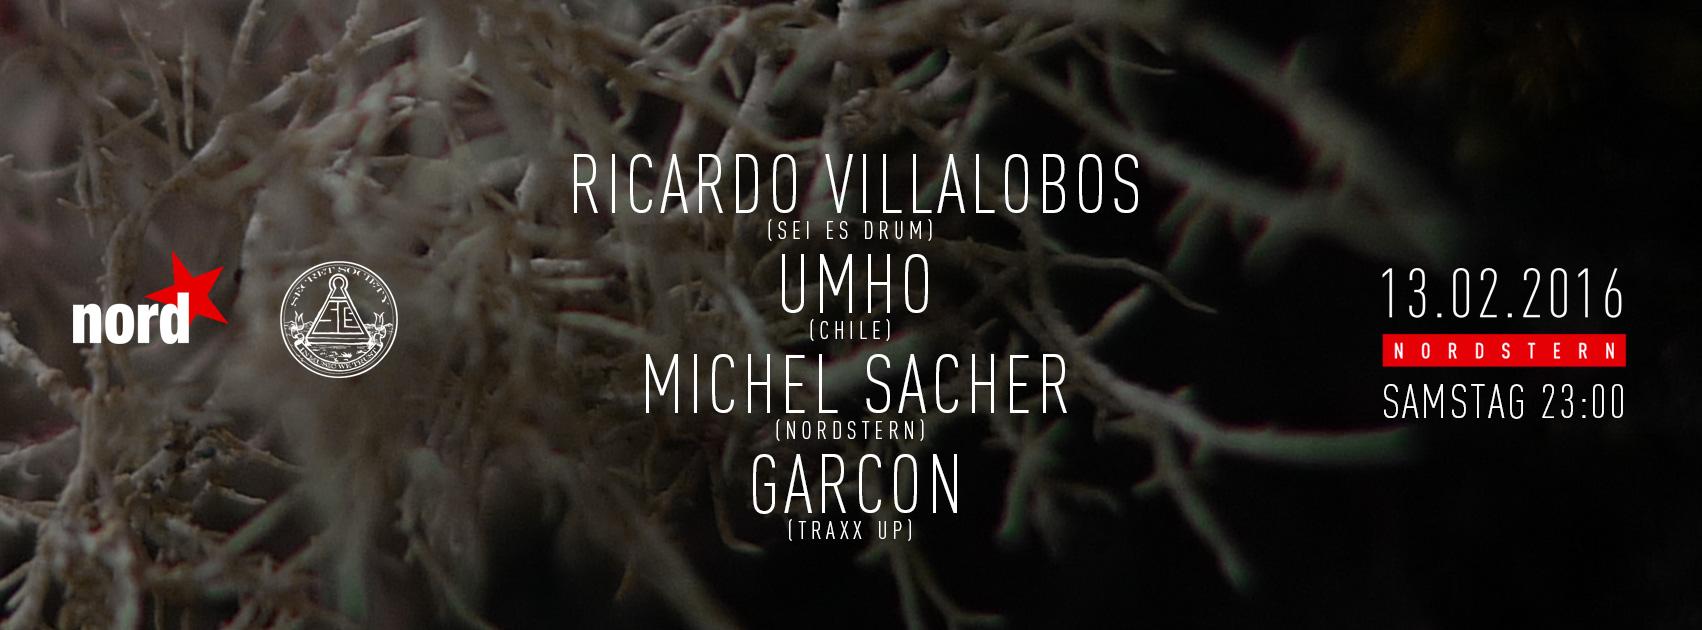 Ricardo Villalobos & Umho - @Nordstern